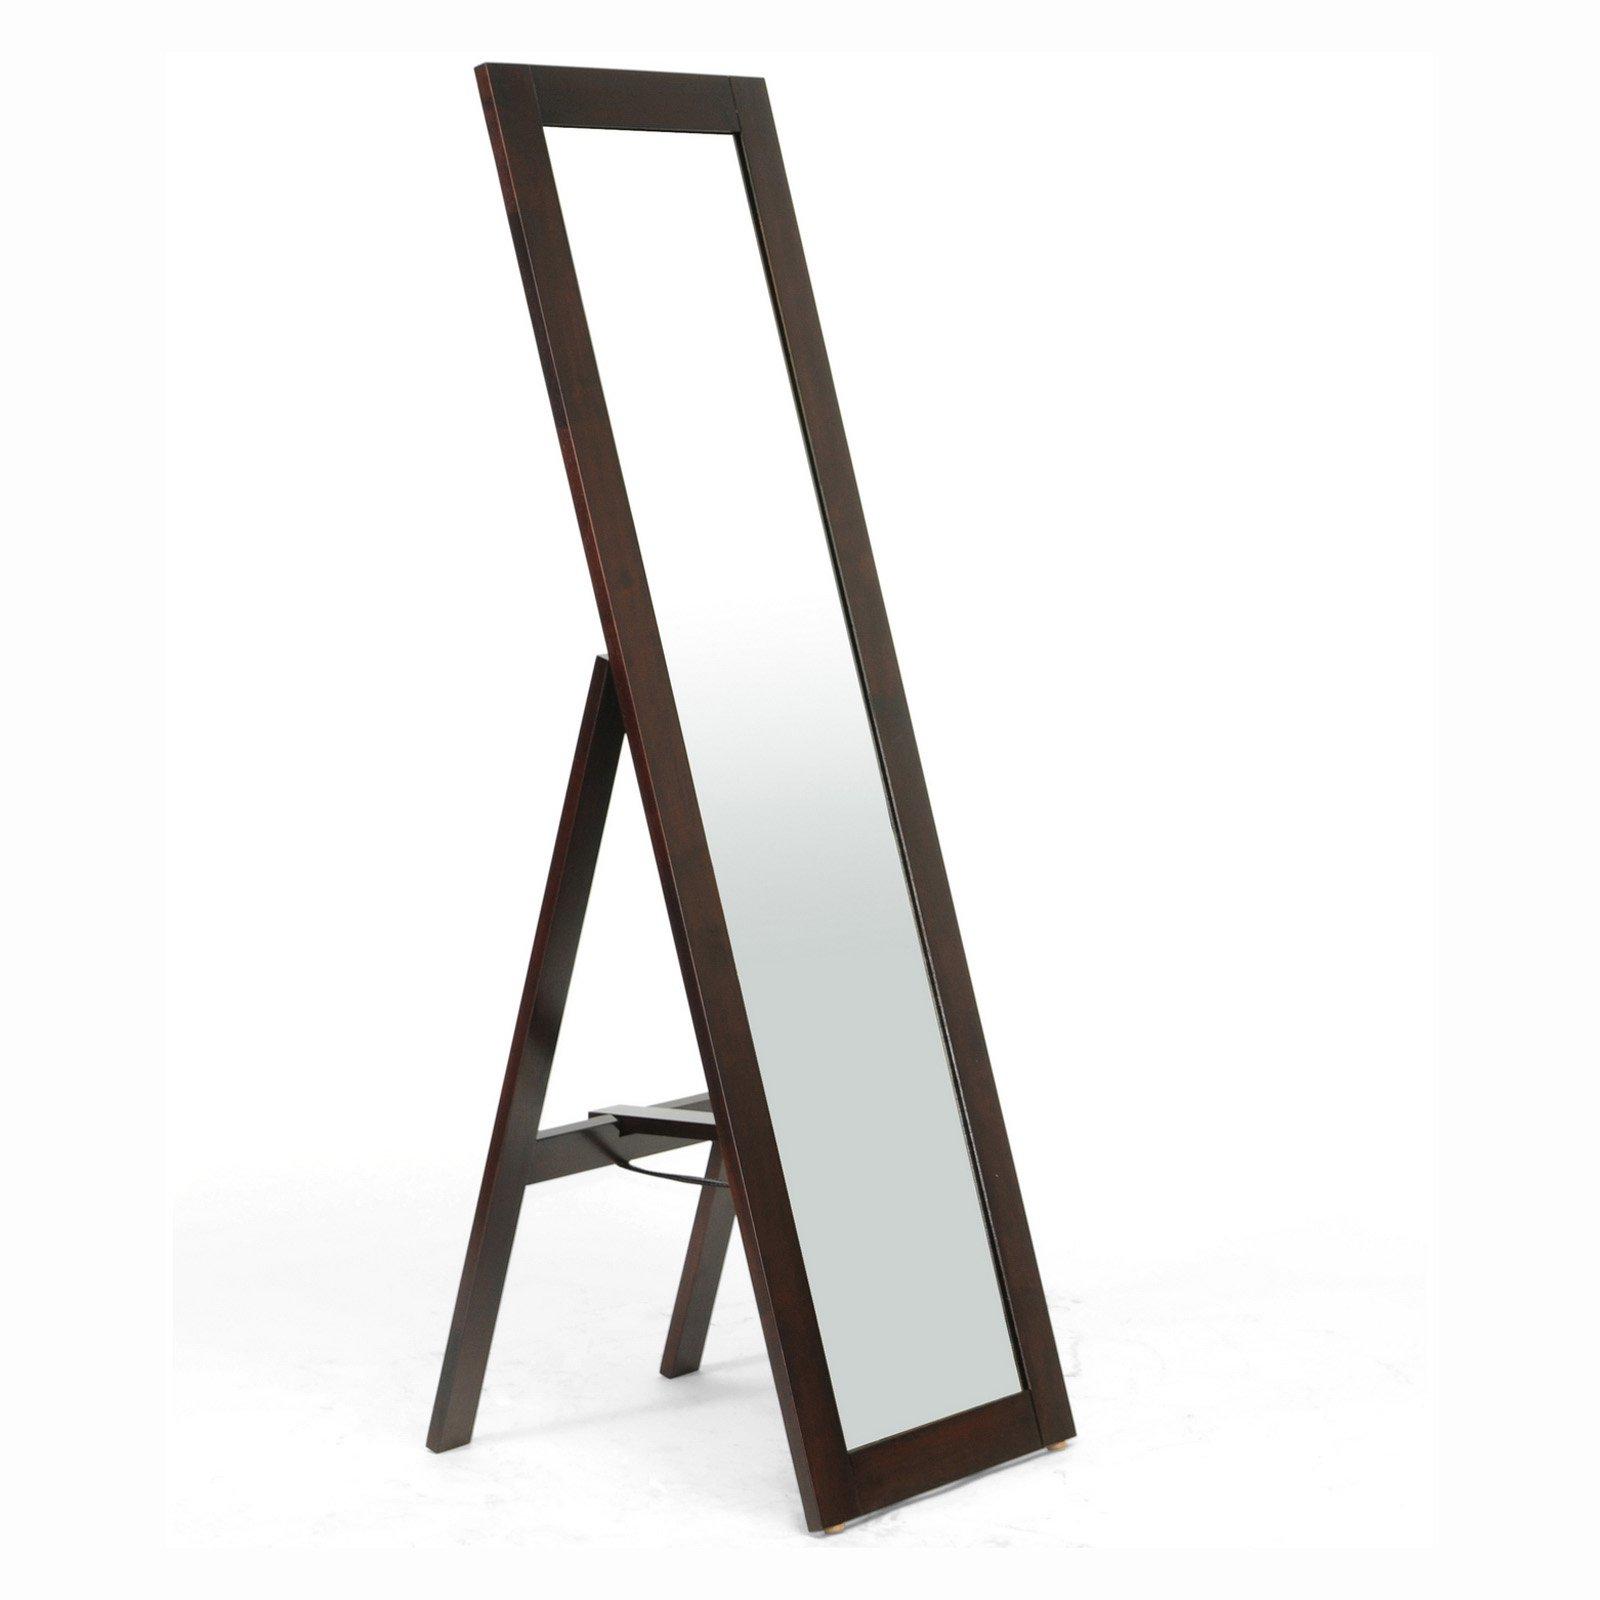 Baxton Studio Lund Wood Modern Mirror with Built-In Stand, Dark Brown